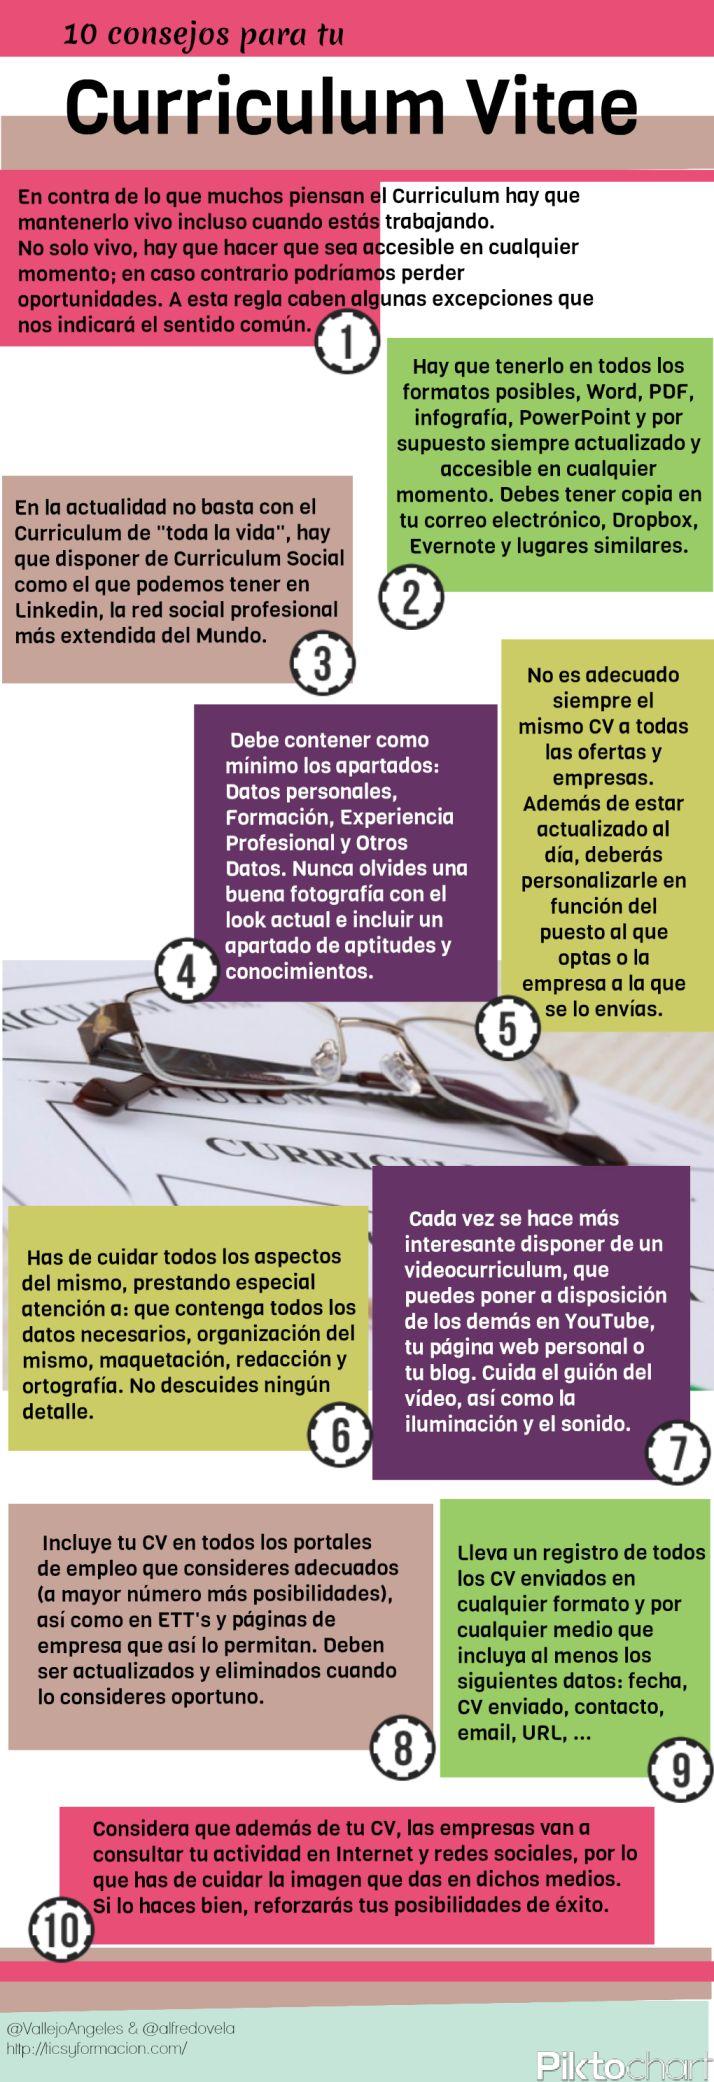 10 consejos para tu Curriculum Vitae. #infografia #infographic